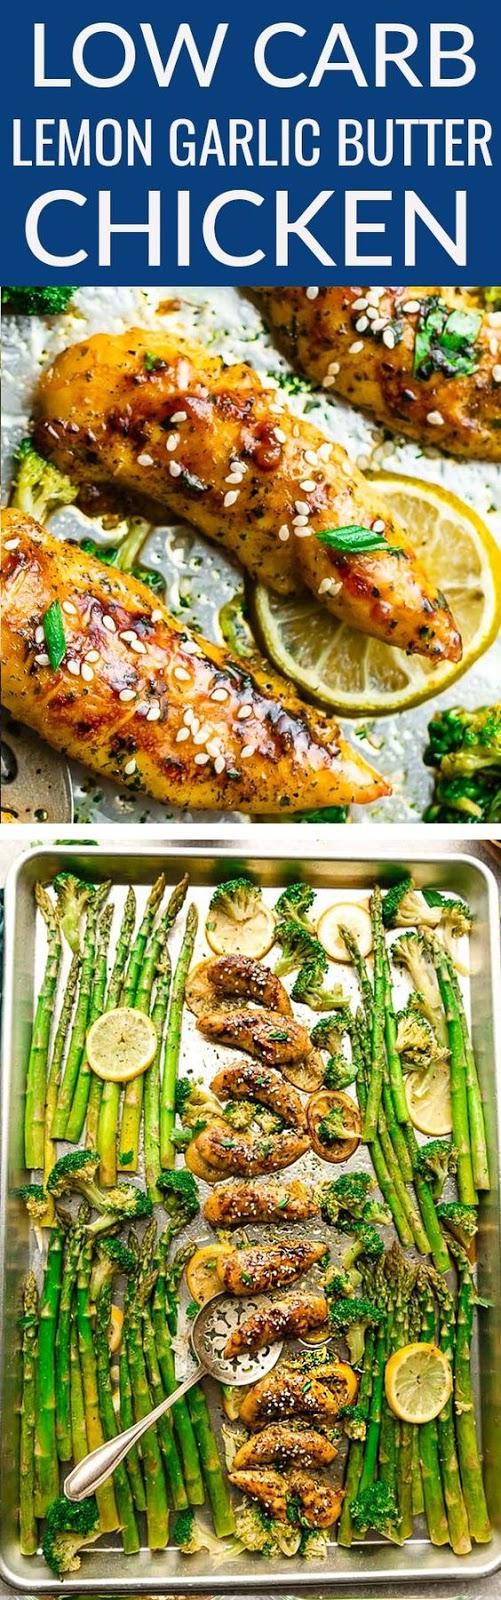 Sheet Pan Lemon Garlic Chicken and Vegetables